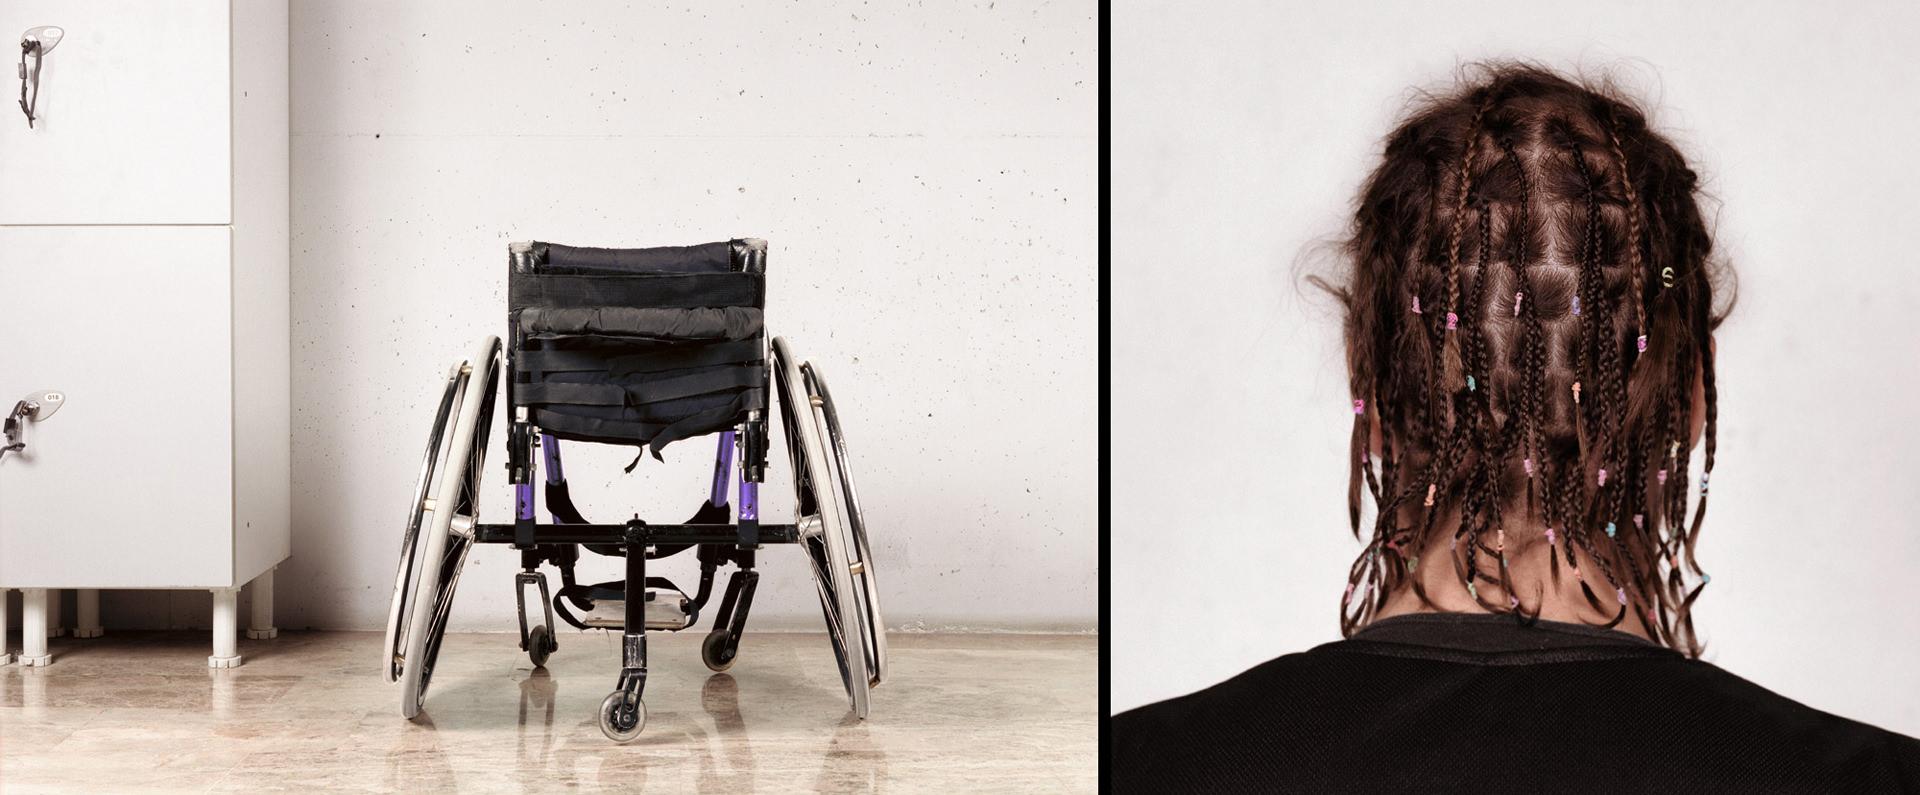 ©ankeluckmann243, wheelchair, rolli, portrait, basketball, chair, www.ankeluckmann.com, anke luckmann, personal work, sport